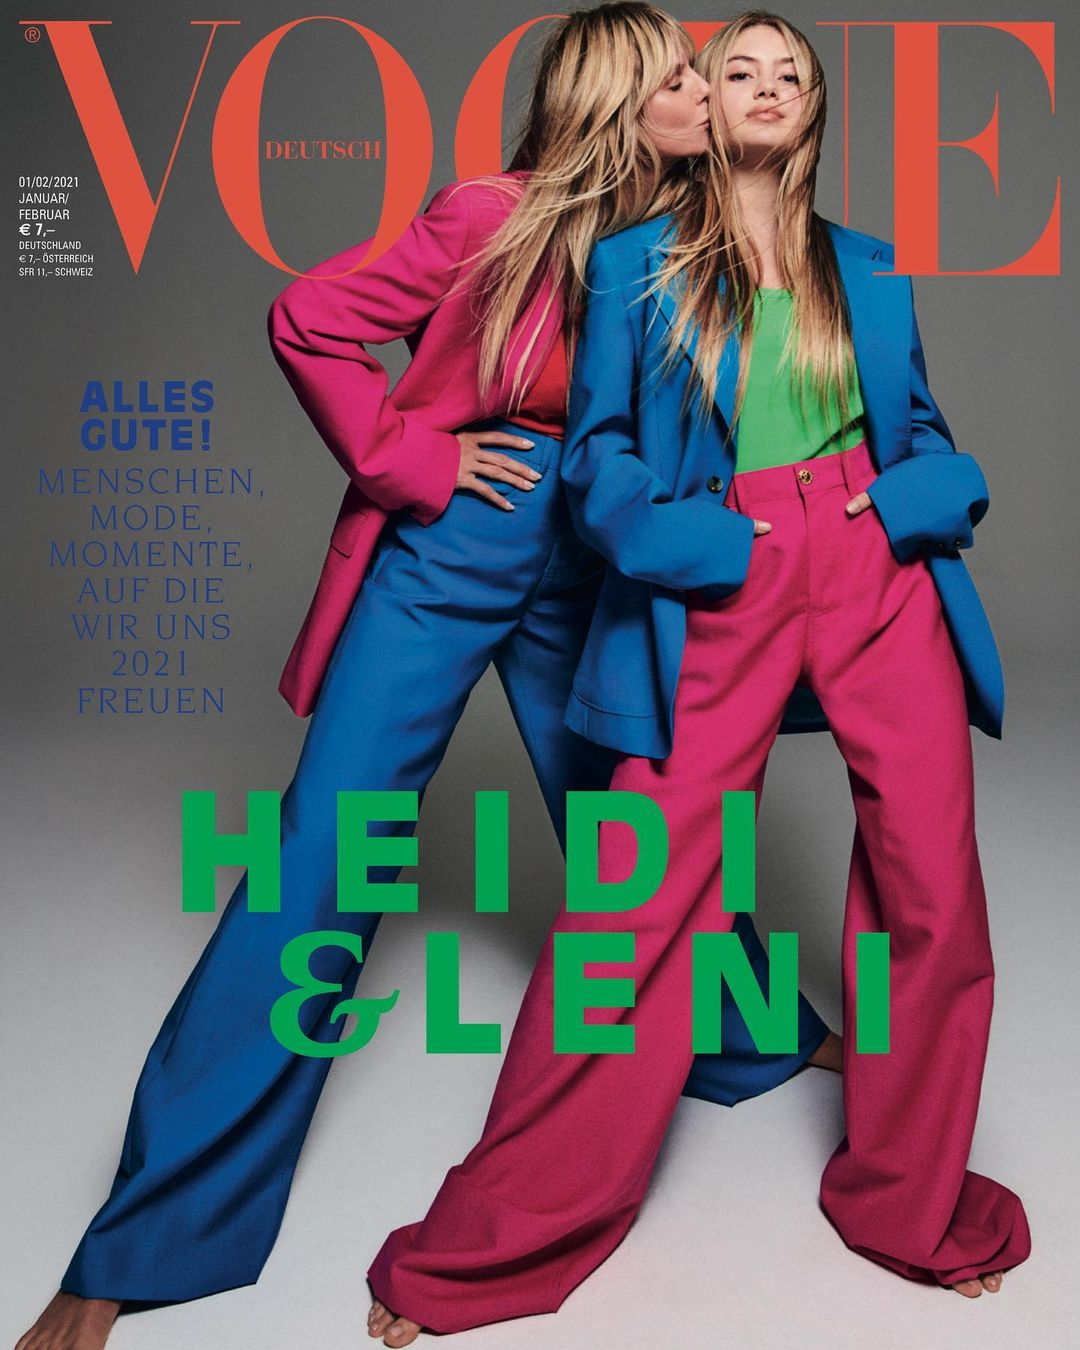 Хайди Клум снялась для обложки Vogue вместе с 16-летней дочерью Лени